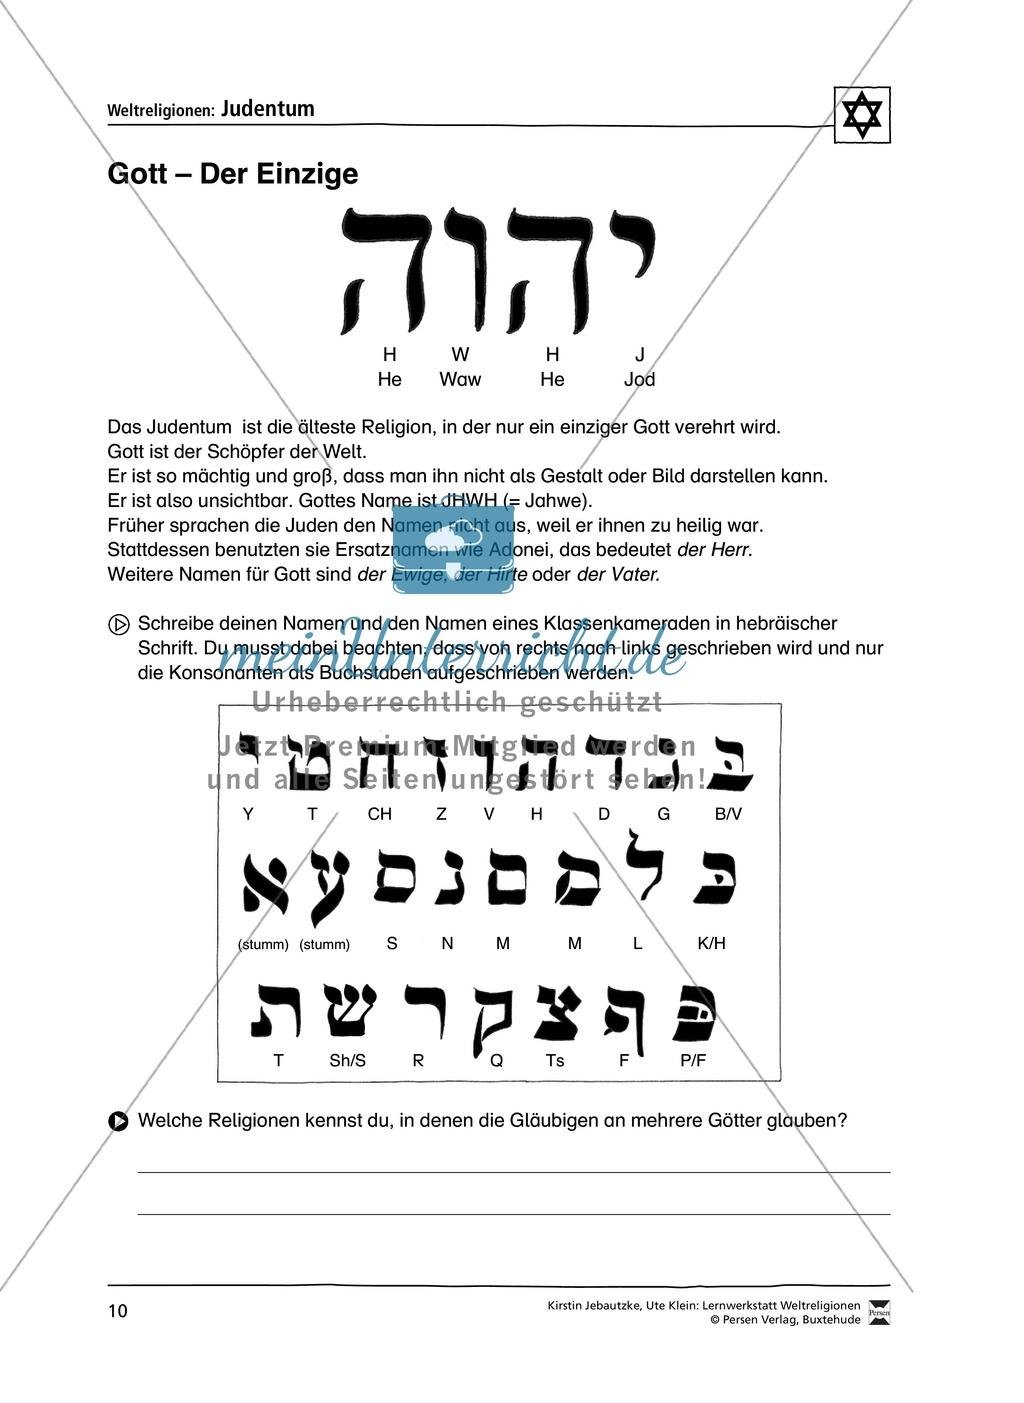 Unterrichtsmaterial zum Judentum - mit Infomaterial zu Gottheit, Schrift, Synagogen, Feiertagen uvm. Preview 2